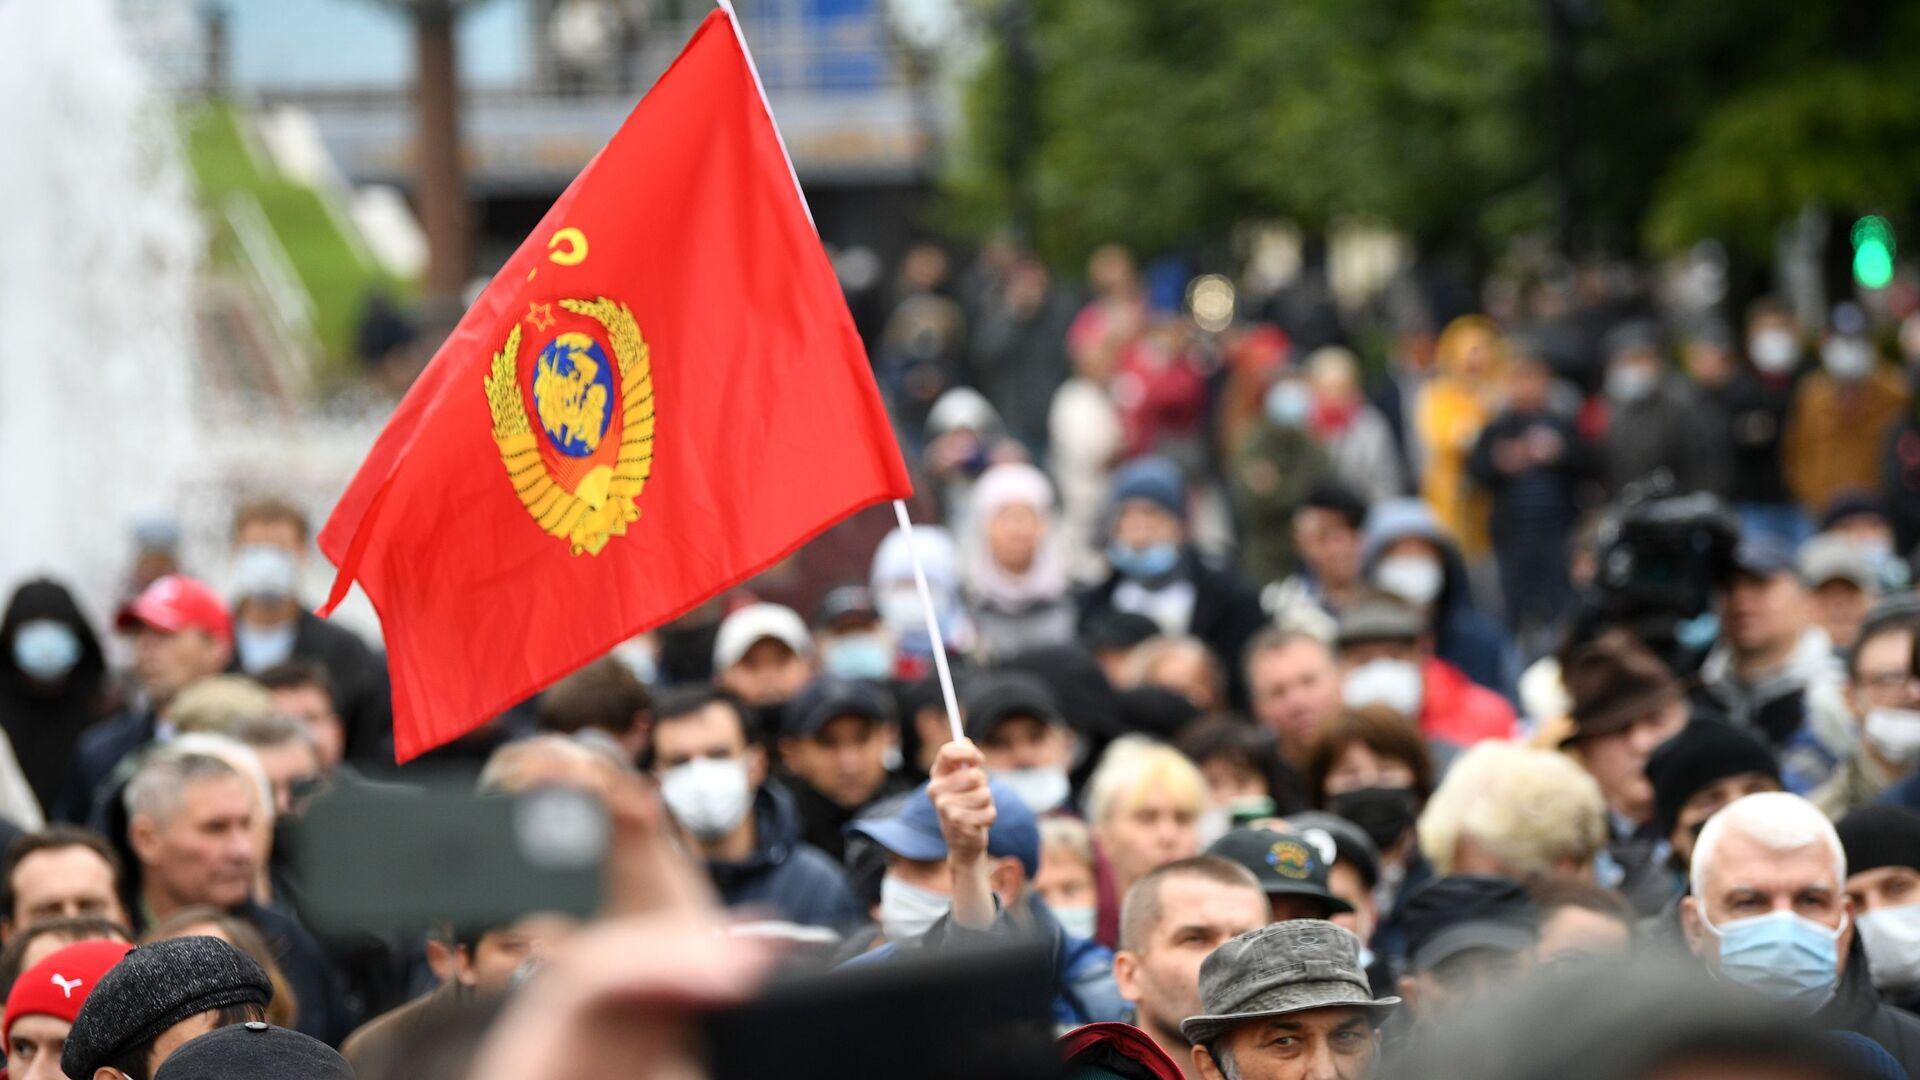 Účastníci akce Komunistické strany Ruské federace na Puškinově náměstí v Moskvě.  - Sputnik Česká republika, 1920, 25.09.2021